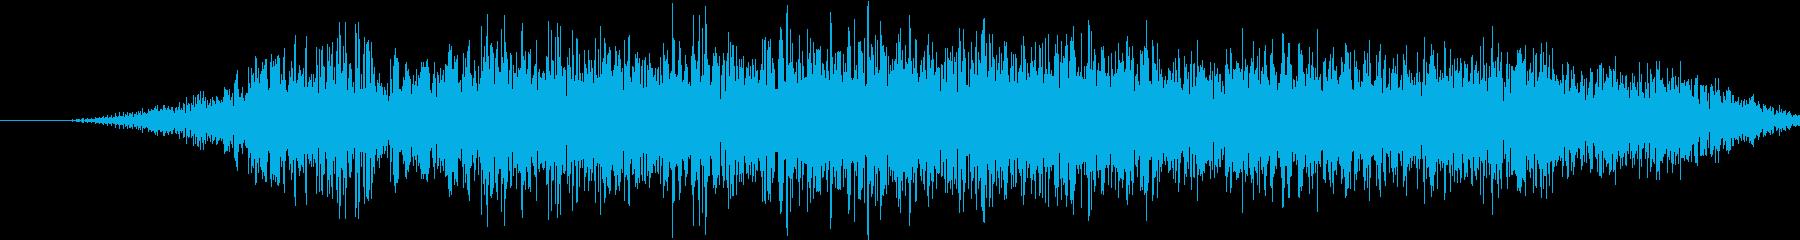 中学生:教室:「ああ」、興奮、驚き...の再生済みの波形